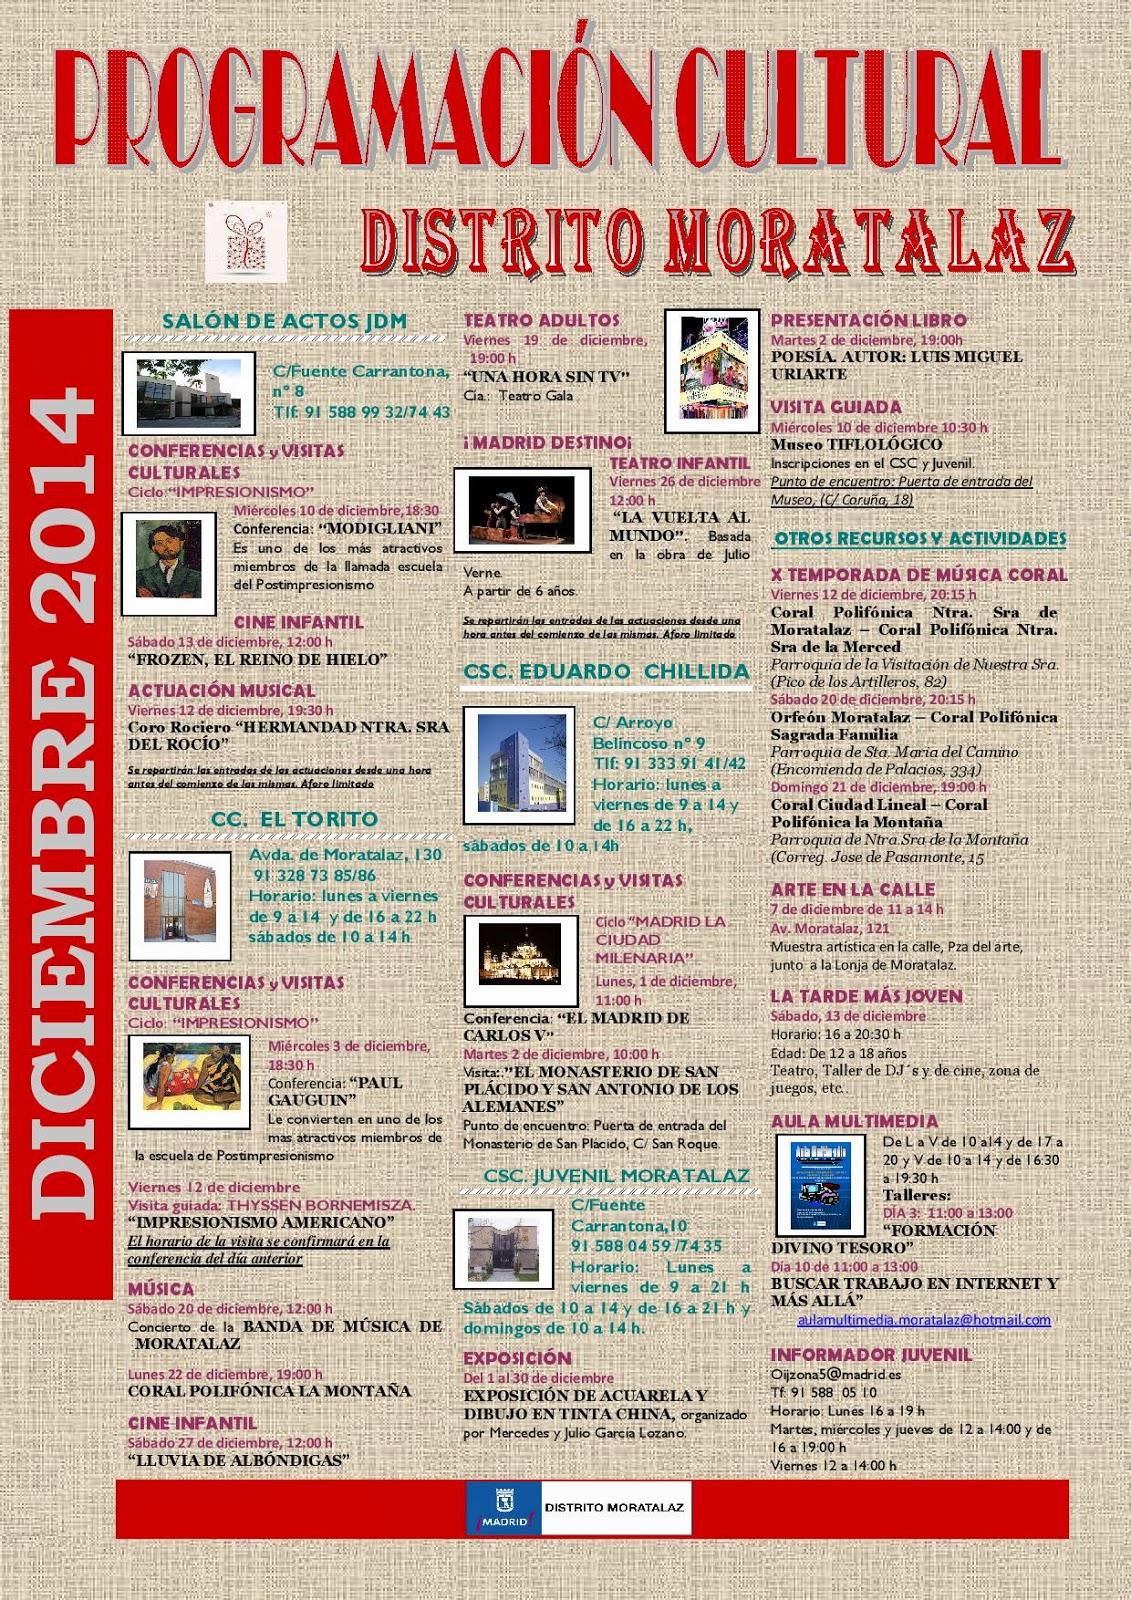 Programación cultural del distrito de Moratalaz. Diciembre de 2014